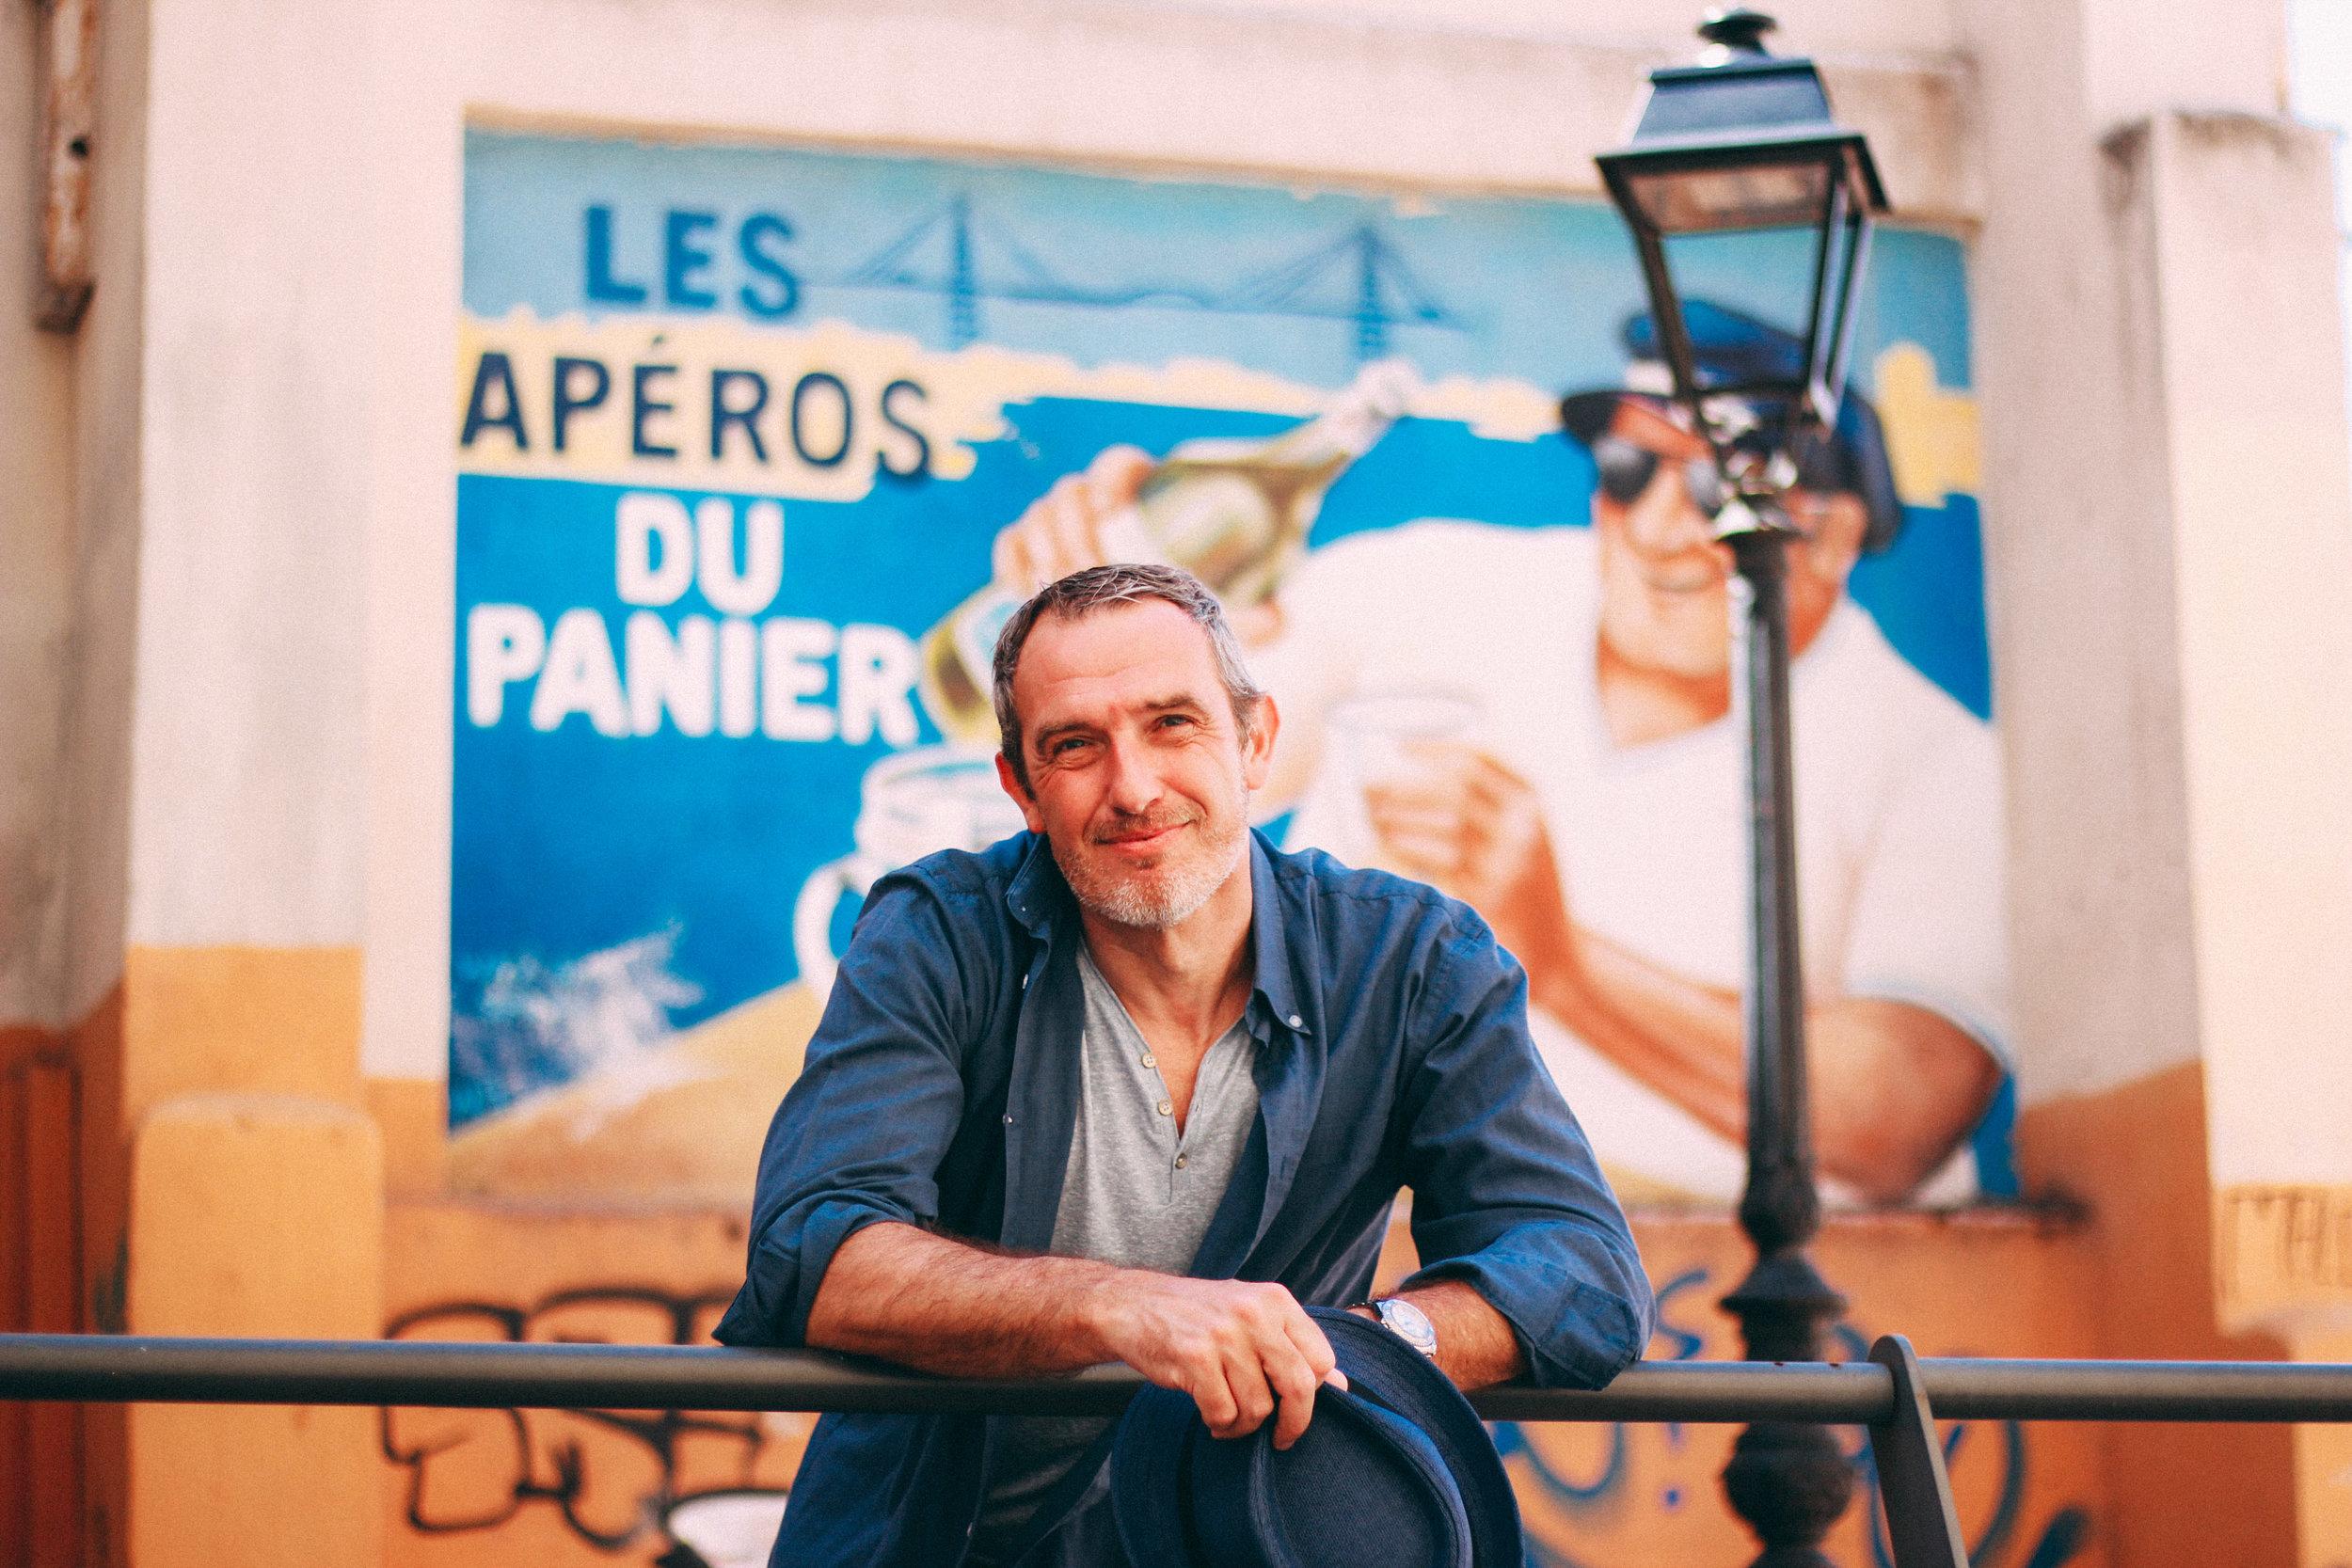 Portrait Méditerranéen - Toute la douceur de vivre marseillaise dans des portraits aux couleurs ocre et azur et aux accents du sud.Marseille 2ème